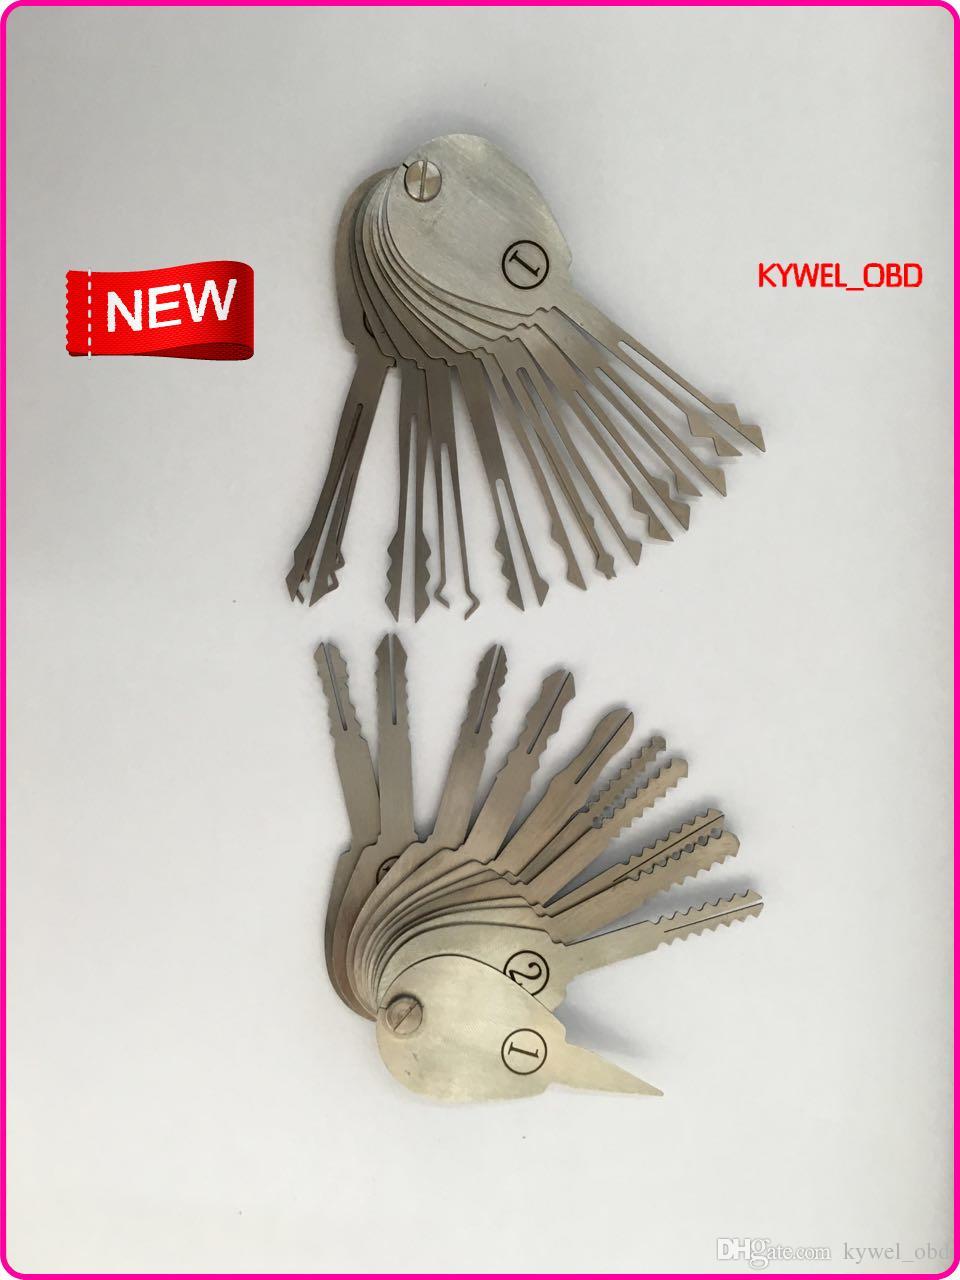 2015 Nuovo 21 pz Auto Jigglers Keys Double Sided Lock Pick Set di Chiavi Apri di Blocco Lockpick Set Attrezzo del fabbro